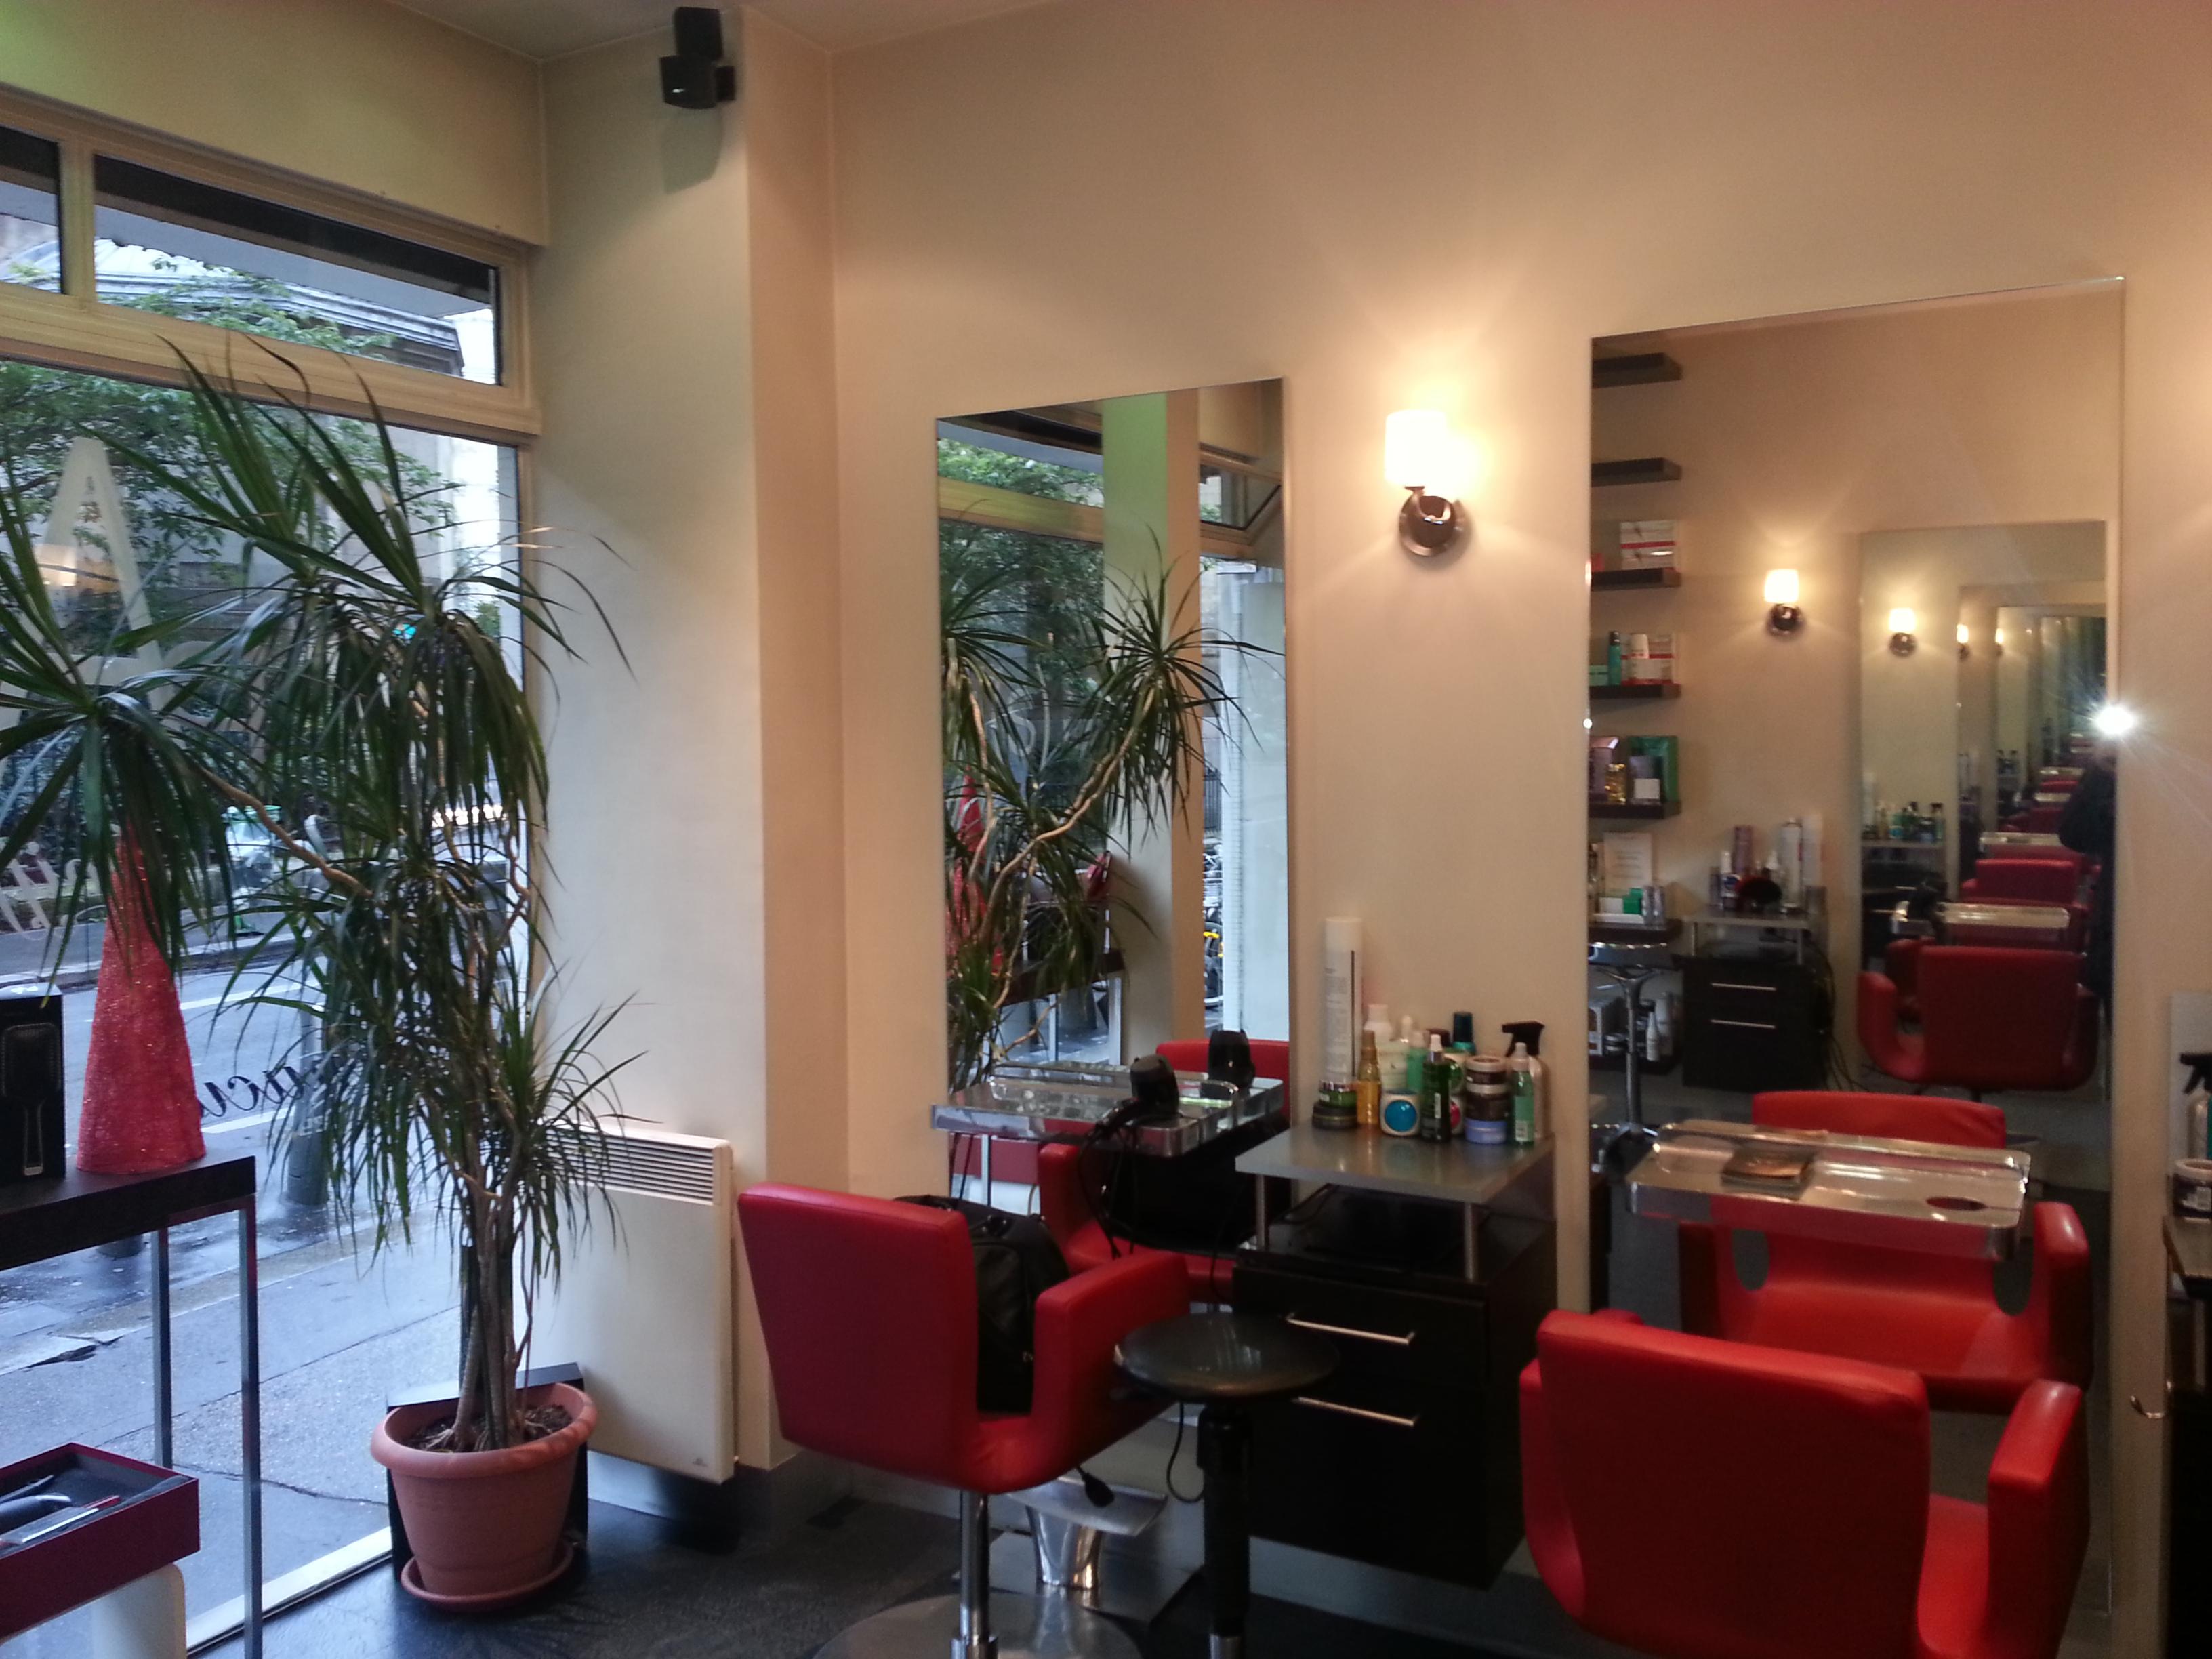 Paris coiffure paris 18 avis tarifs horaires t l phone for Salon de coiffure paris 18